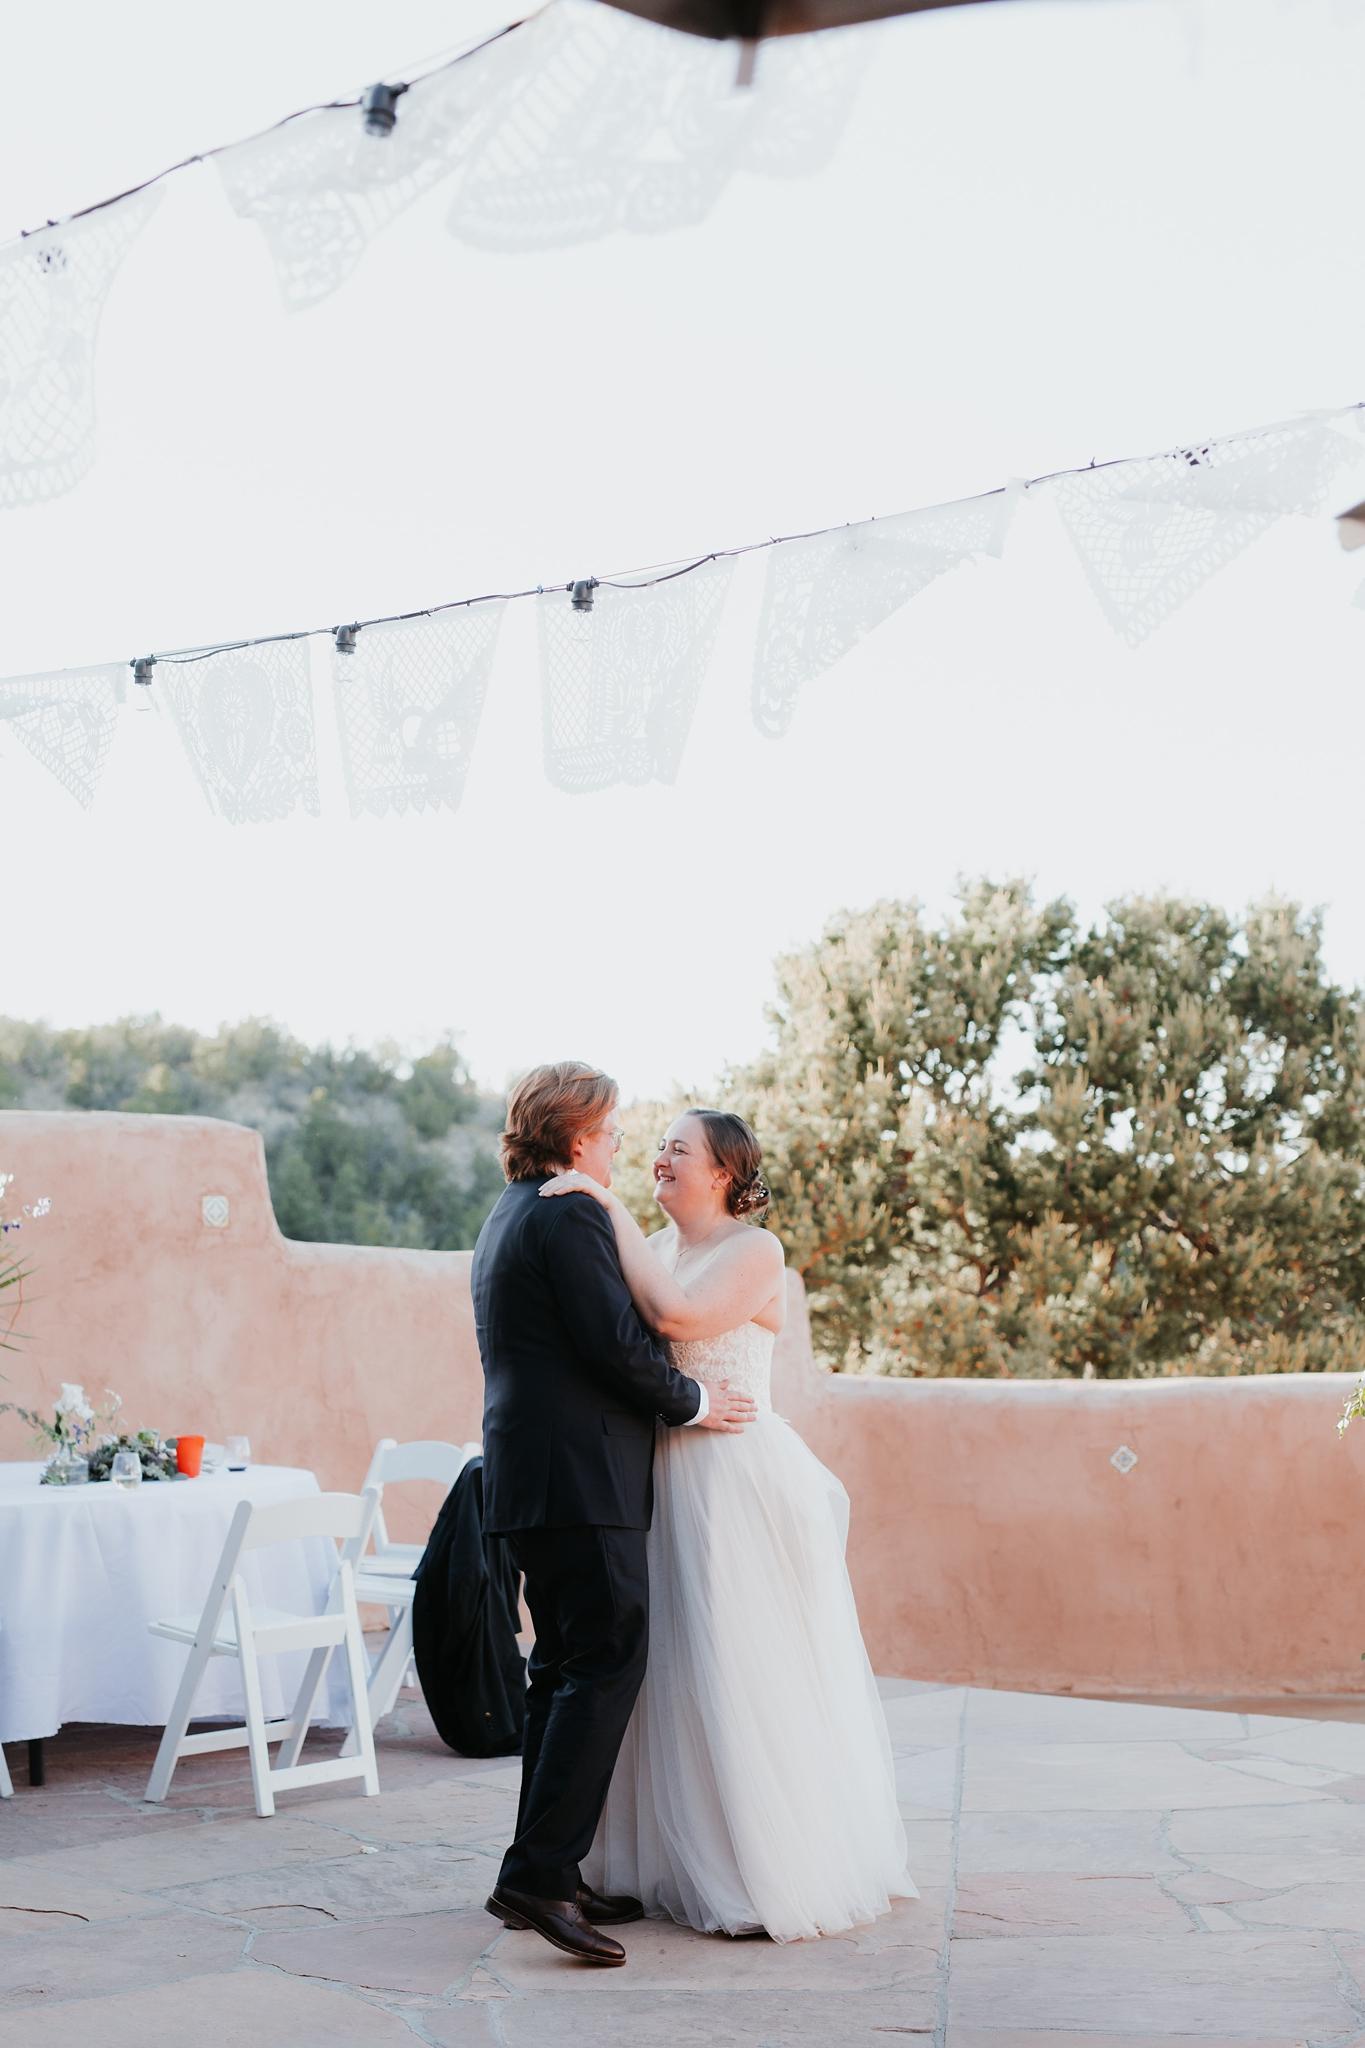 Alicia+lucia+photography+-+albuquerque+wedding+photographer+-+santa+fe+wedding+photography+-+new+mexico+wedding+photographer+-+new+mexico+wedding+-+wedding+venues+-+new+mexico+wedding+venues+-+colorado+wedding+venues_0135.jpg